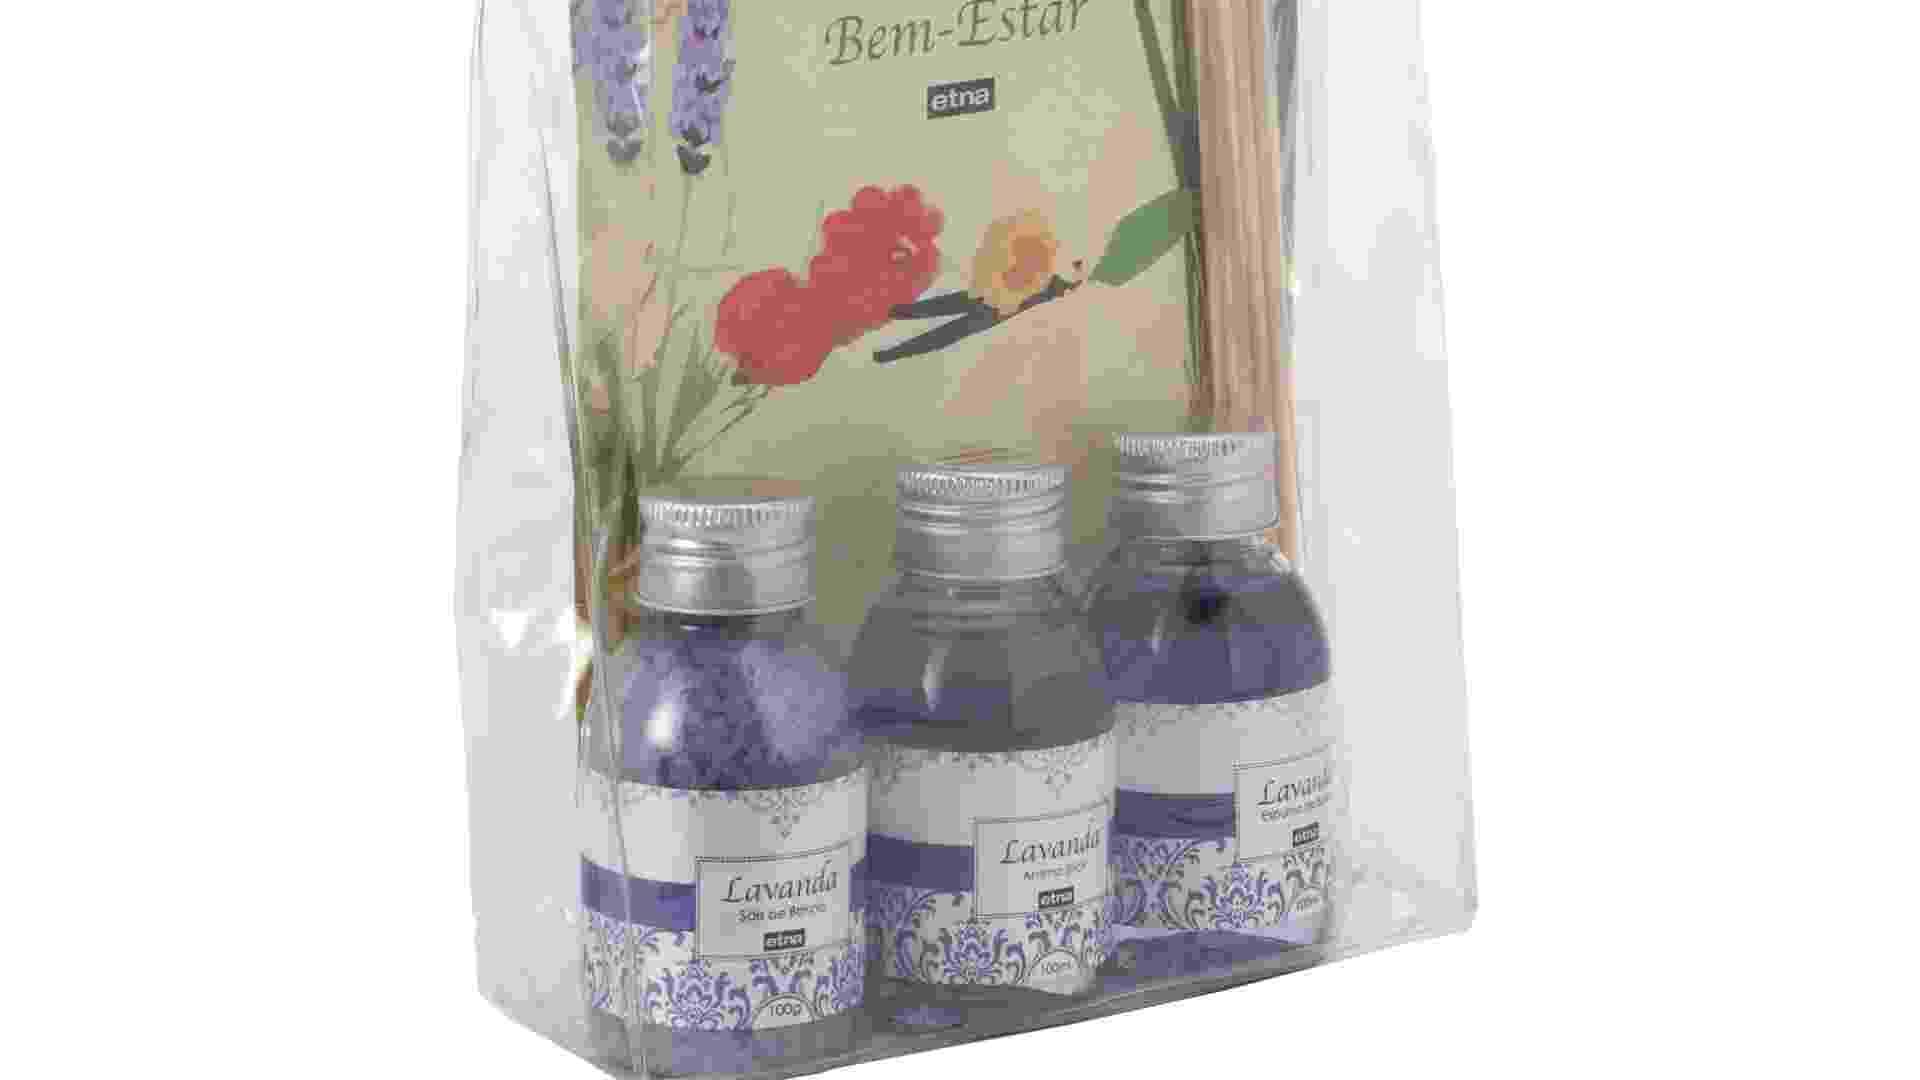 O kit da Etna (www.etna.com.br) possui um difusor de aroma, uma espuma de banho e um sal de banho, todos na essência lavanda. À venda por R$ 49,99 | Preços pesquisados em setembro de 2012 e sujeitos a alterações - Divulgação